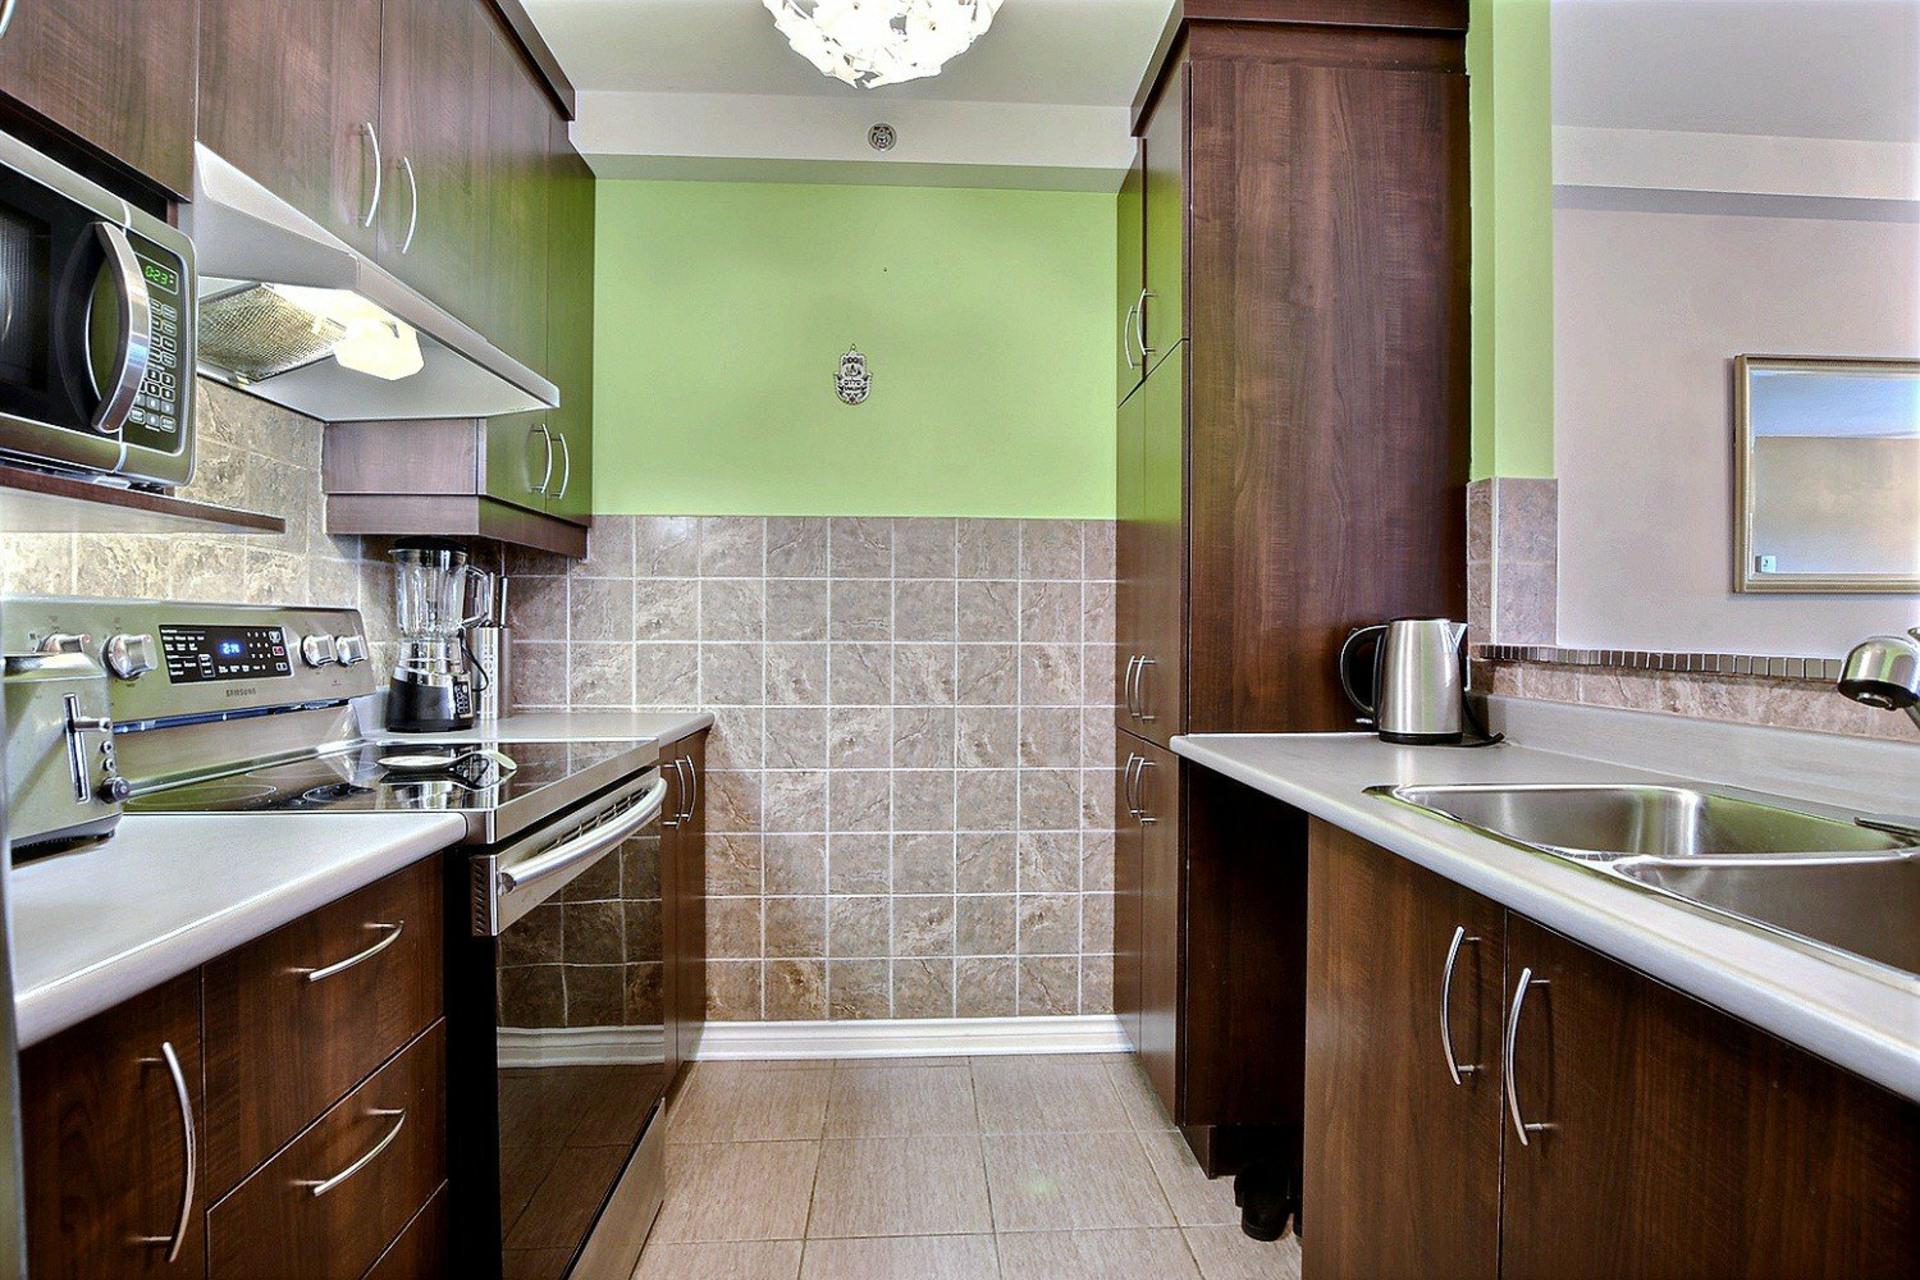 image 8 - Appartement À vendre Montréal Côte-des-Neiges/Notre-Dame-de-Grâce  - 4 pièces